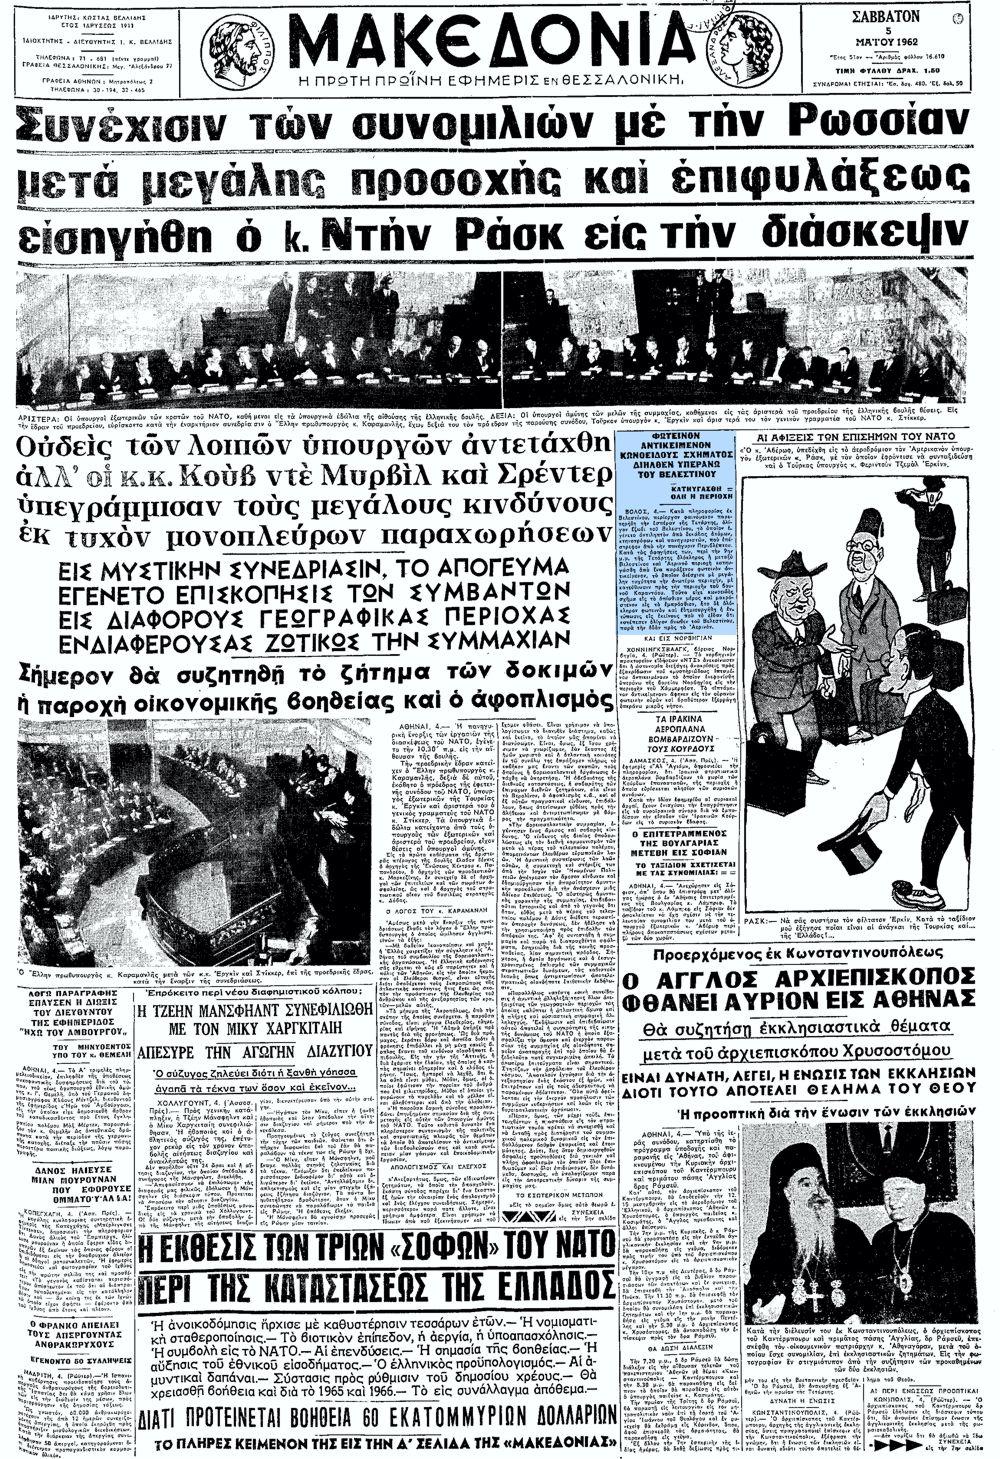 """Το άρθρο, όπως δημοσιεύθηκε στην εφημερίδα """"ΜΑΚΕΔΟΝΙΑ"""", στις 05/05/1962"""